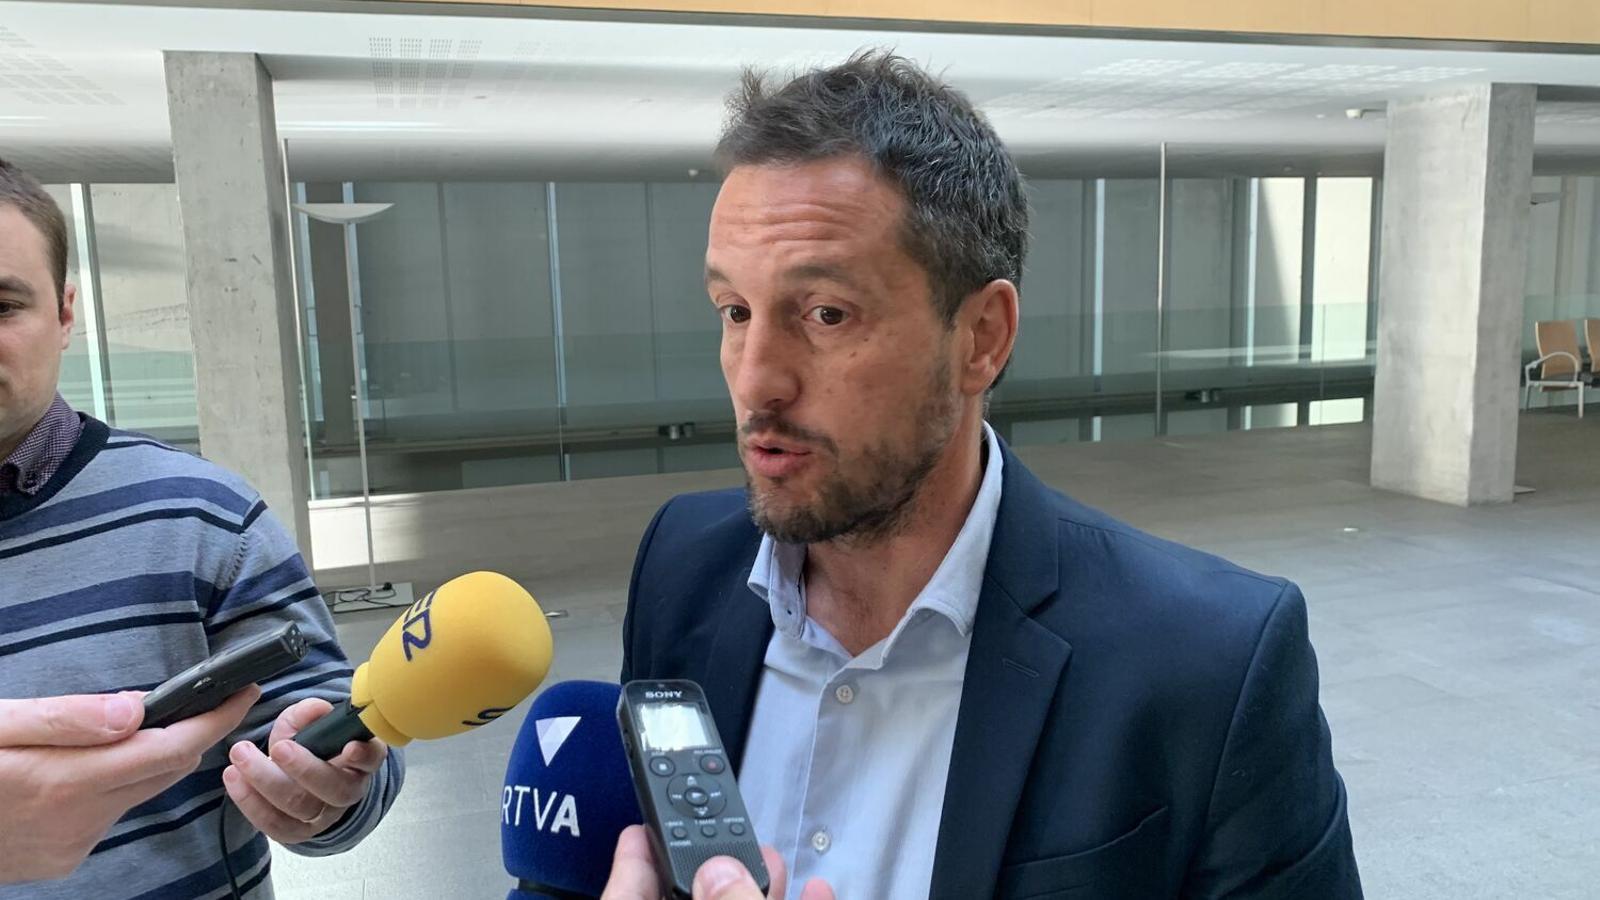 El president del grup parlamentari socialdemòcrata, Pere López. / C. A.